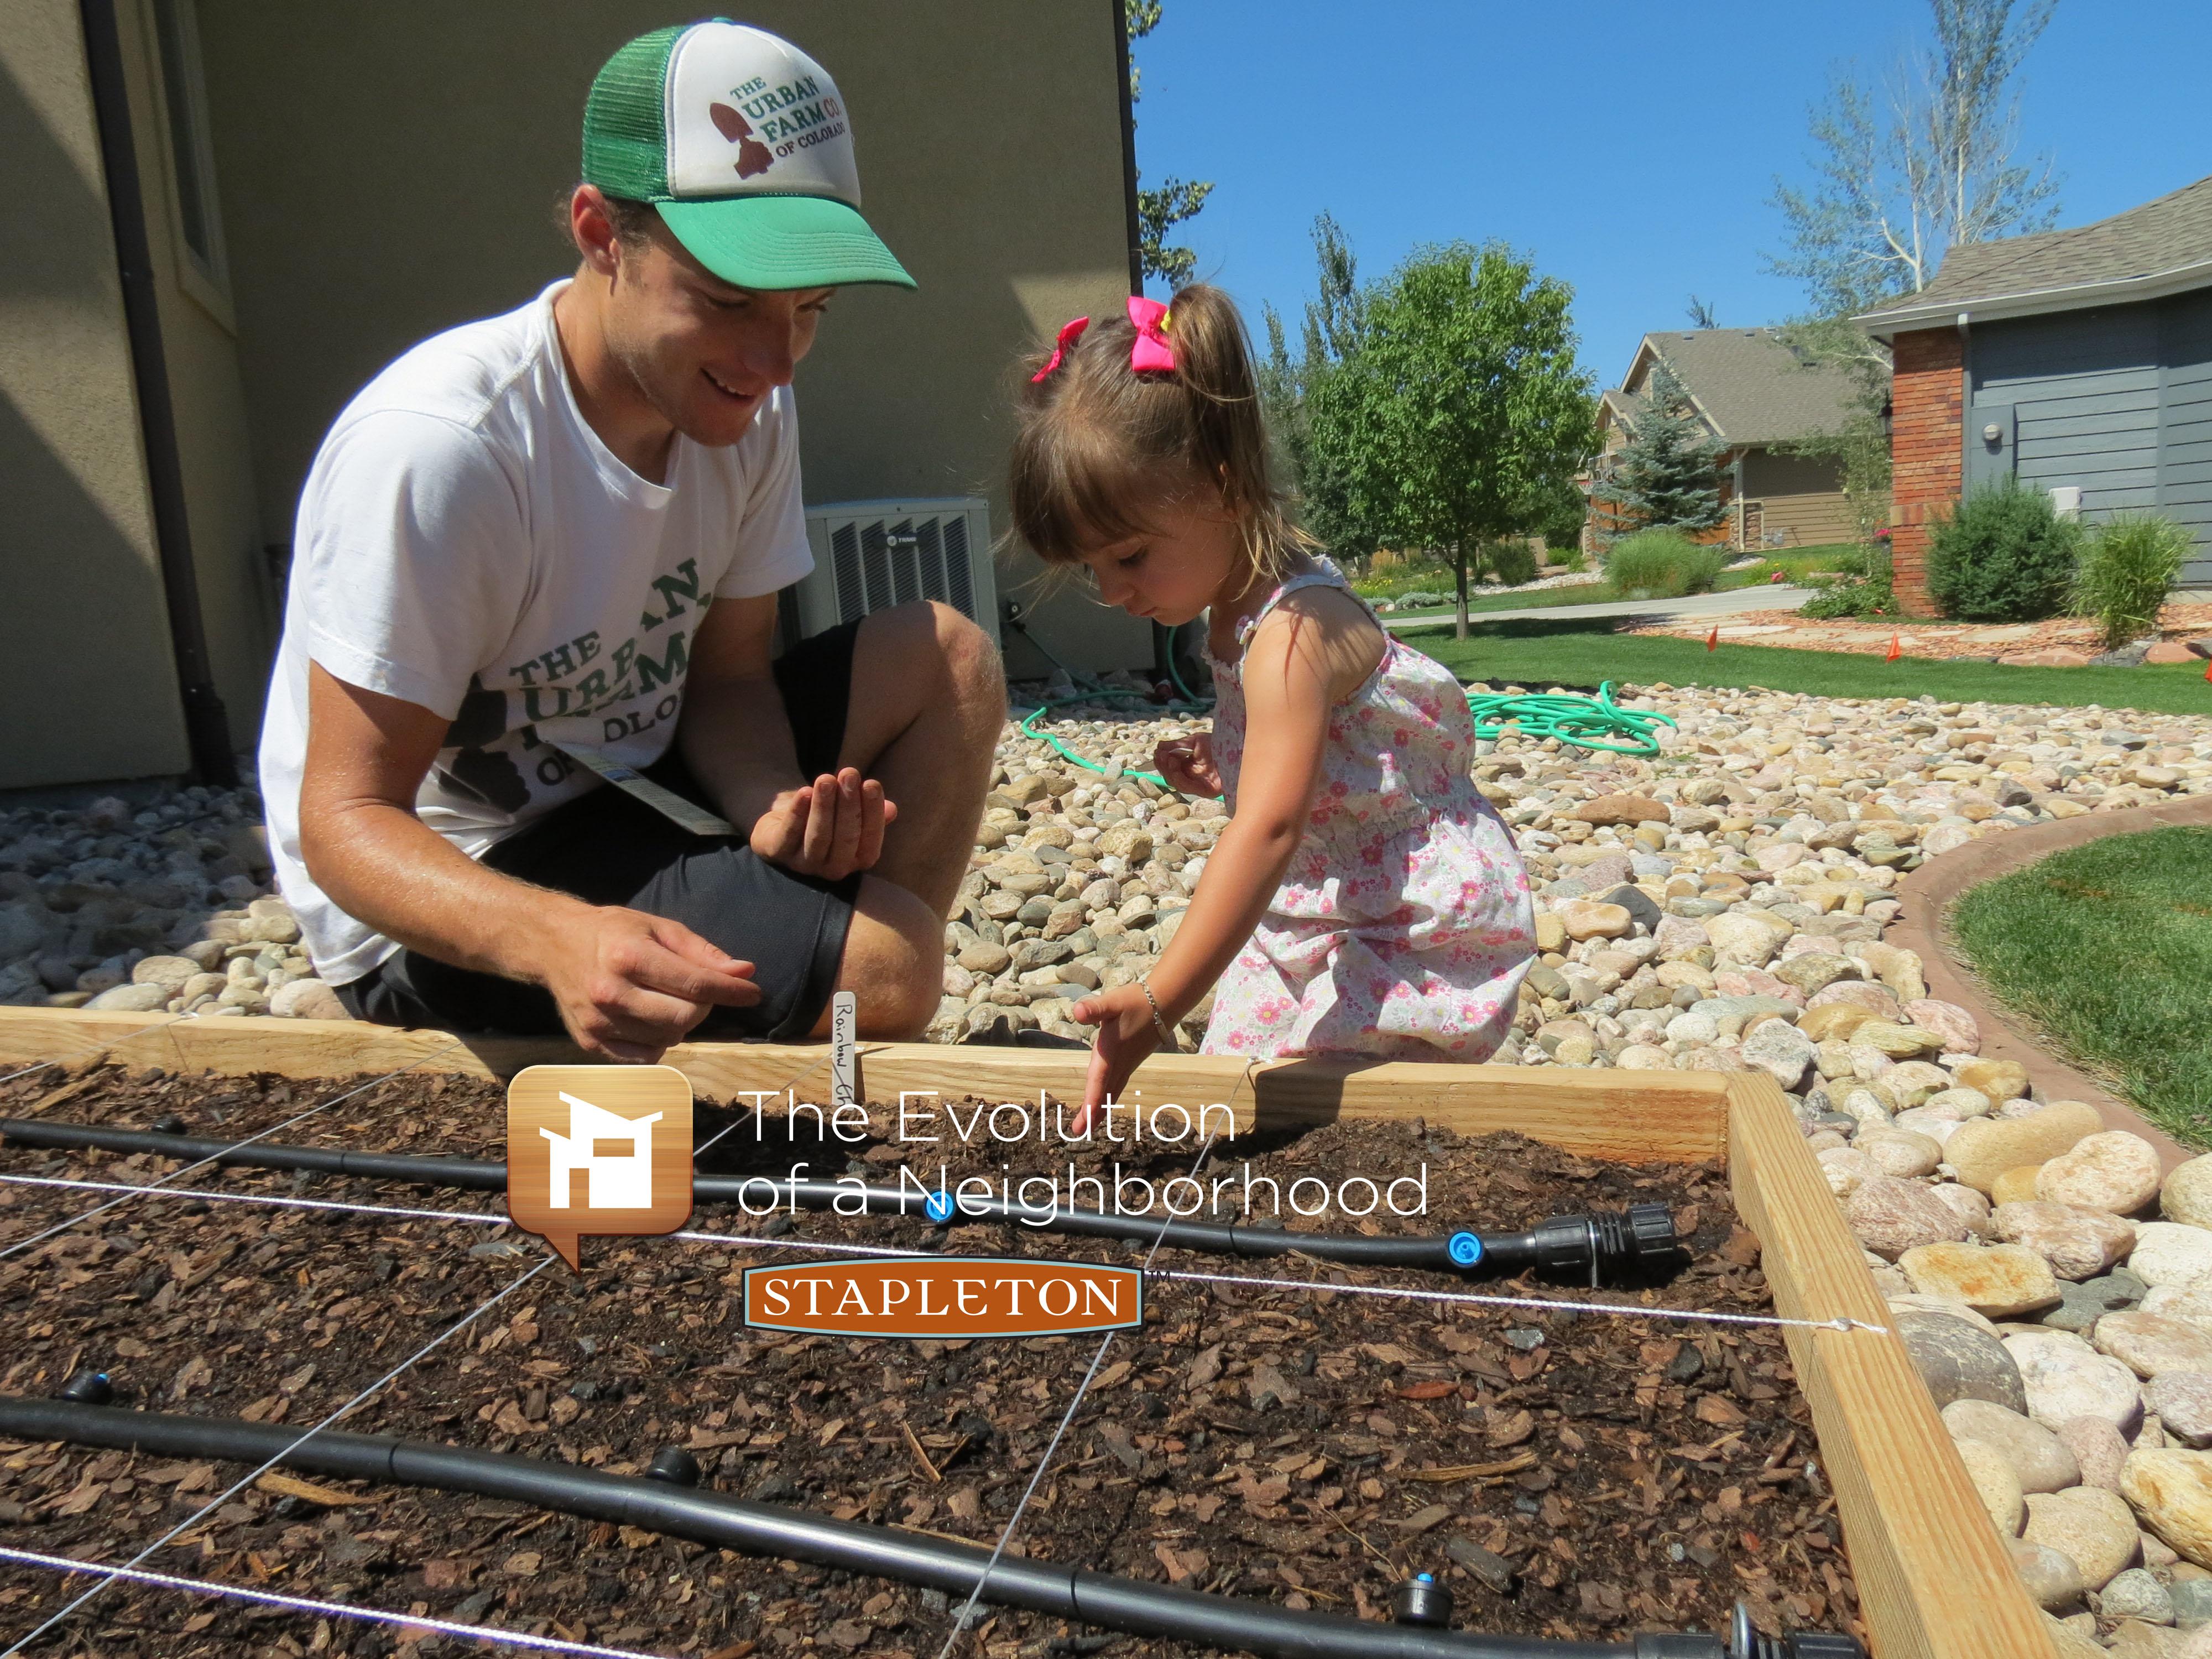 http://www.stapletondenver.com/wp-content/uploads/2013/03/Urban_Gardens_Denver.jpg